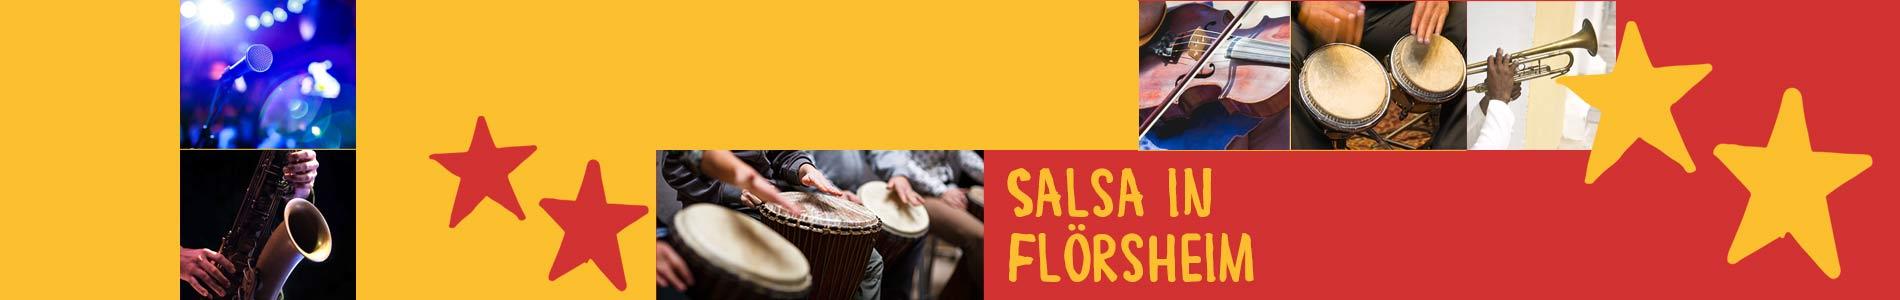 Salsa in Flörsheim – Salsa lernen und tanzen, Tanzkurse, Partys, Veranstaltungen